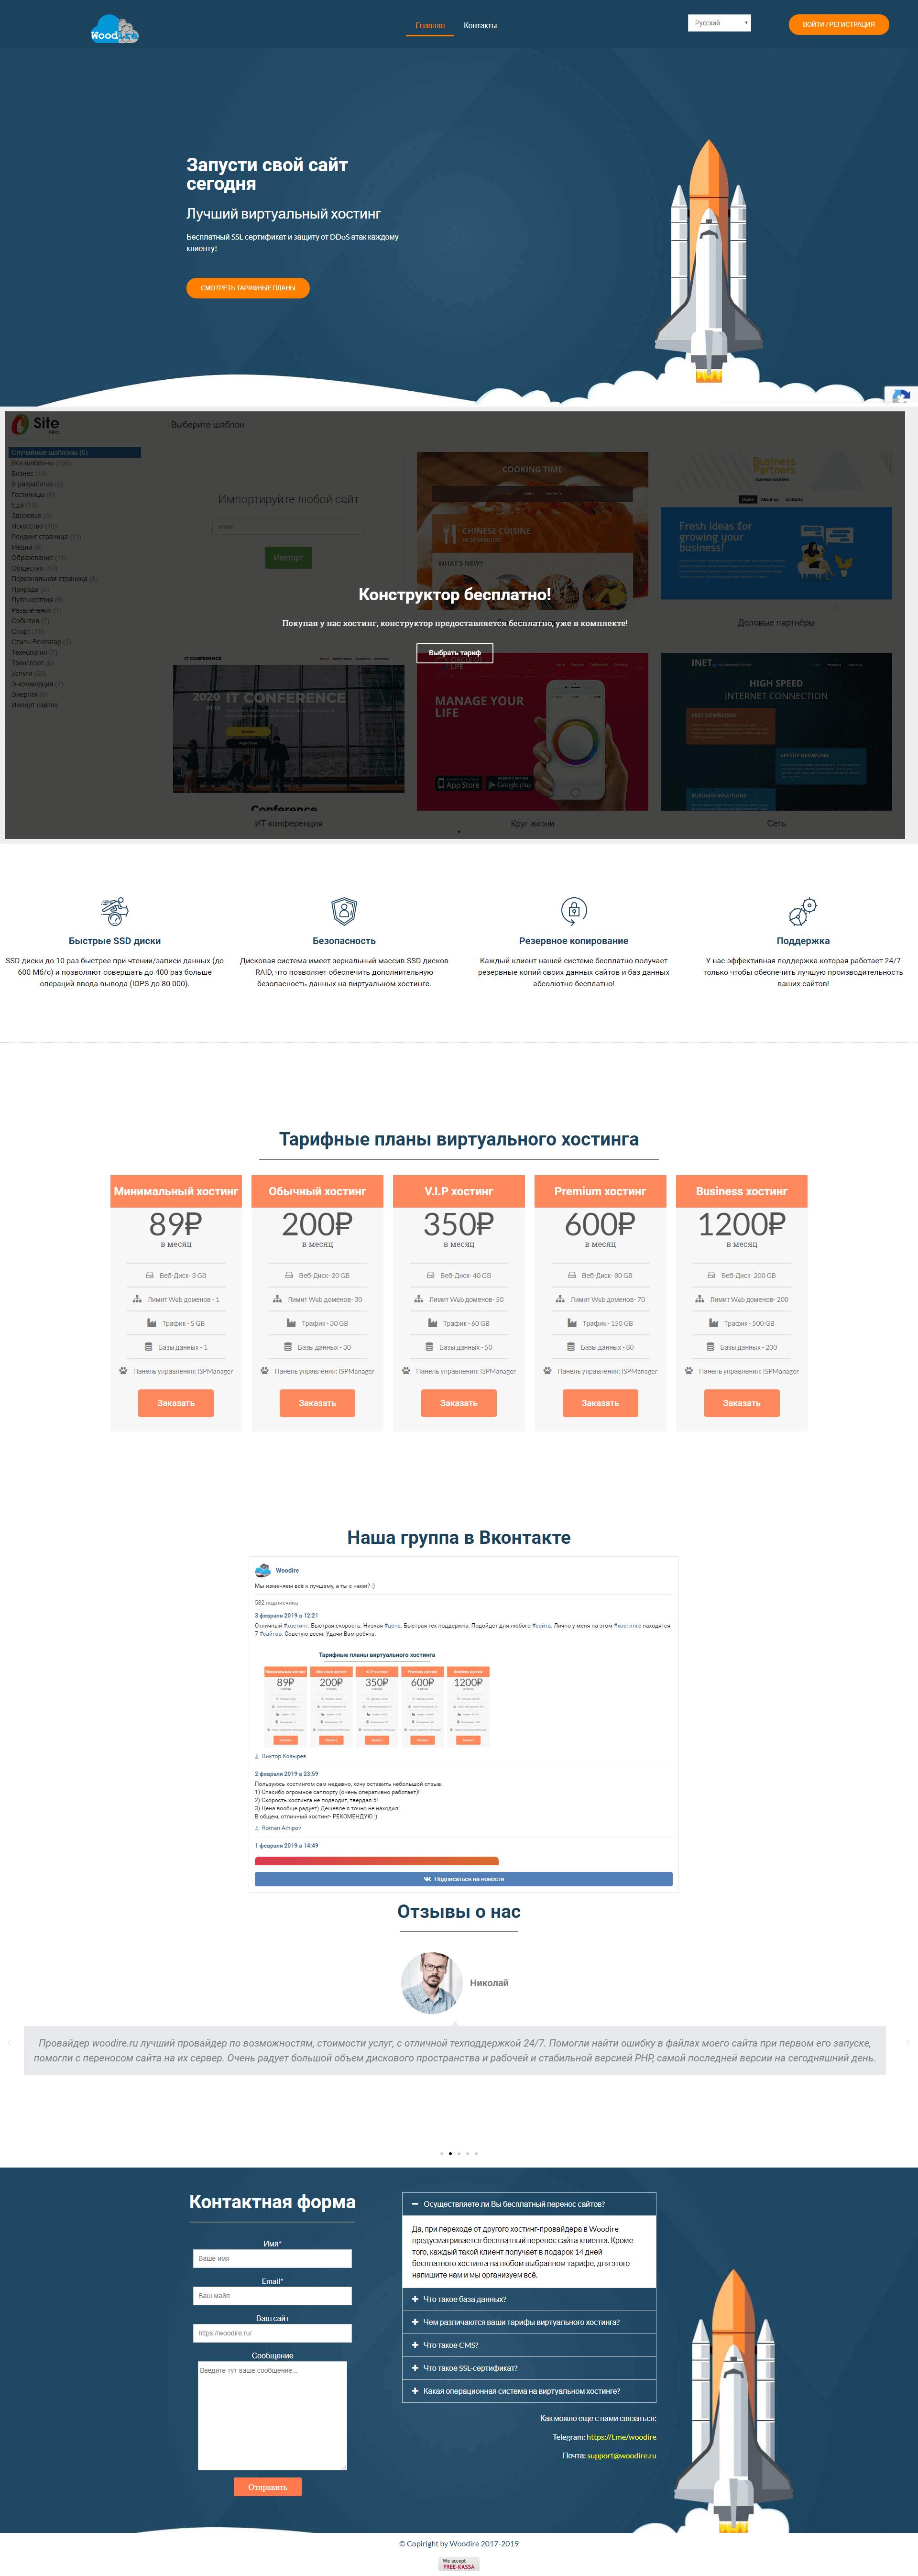 Продажа хостингов сайт выложил на хостинг